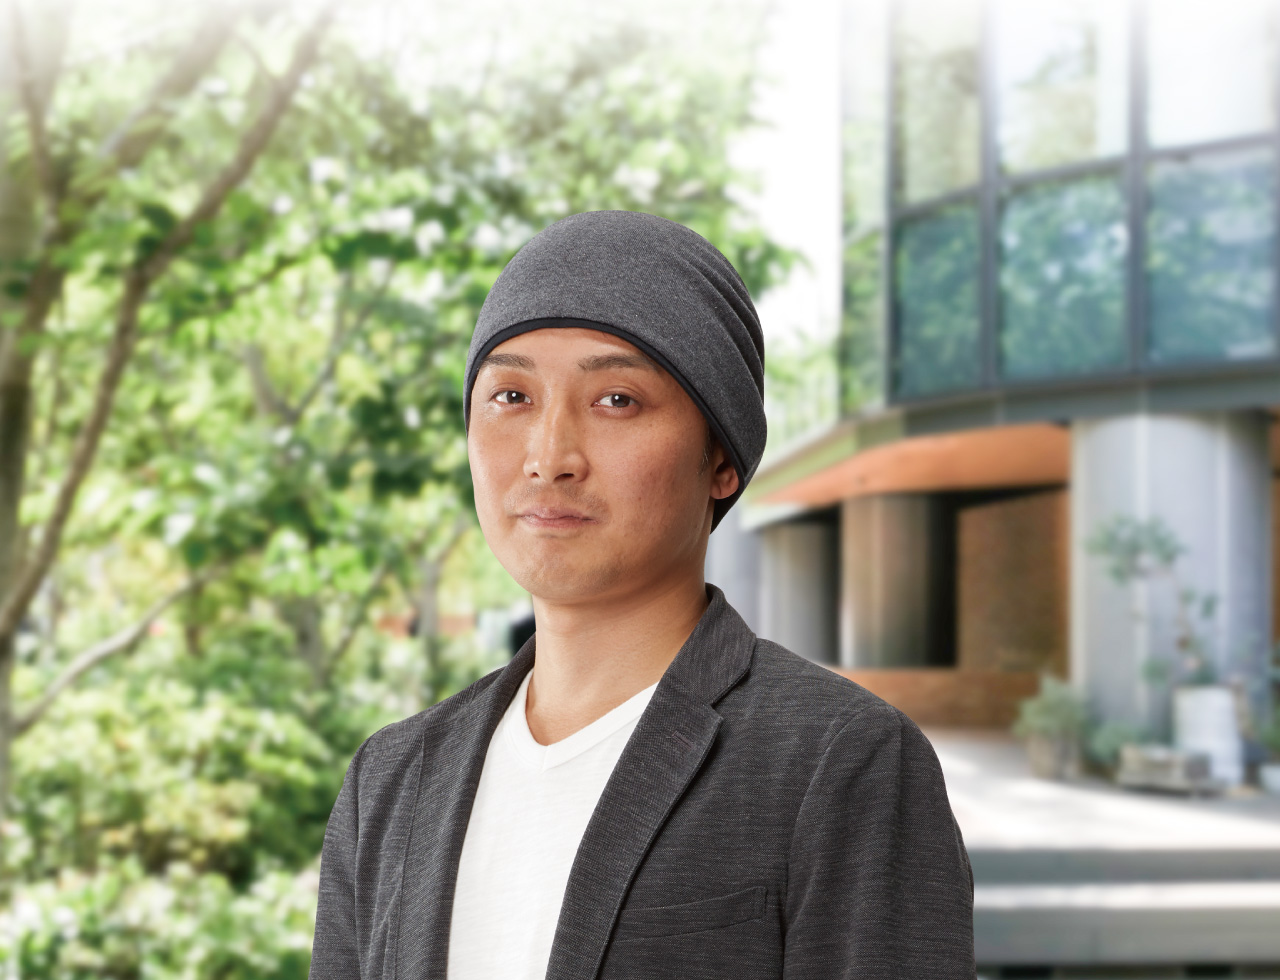 頭皮に優しい男性のための医療向け帽子